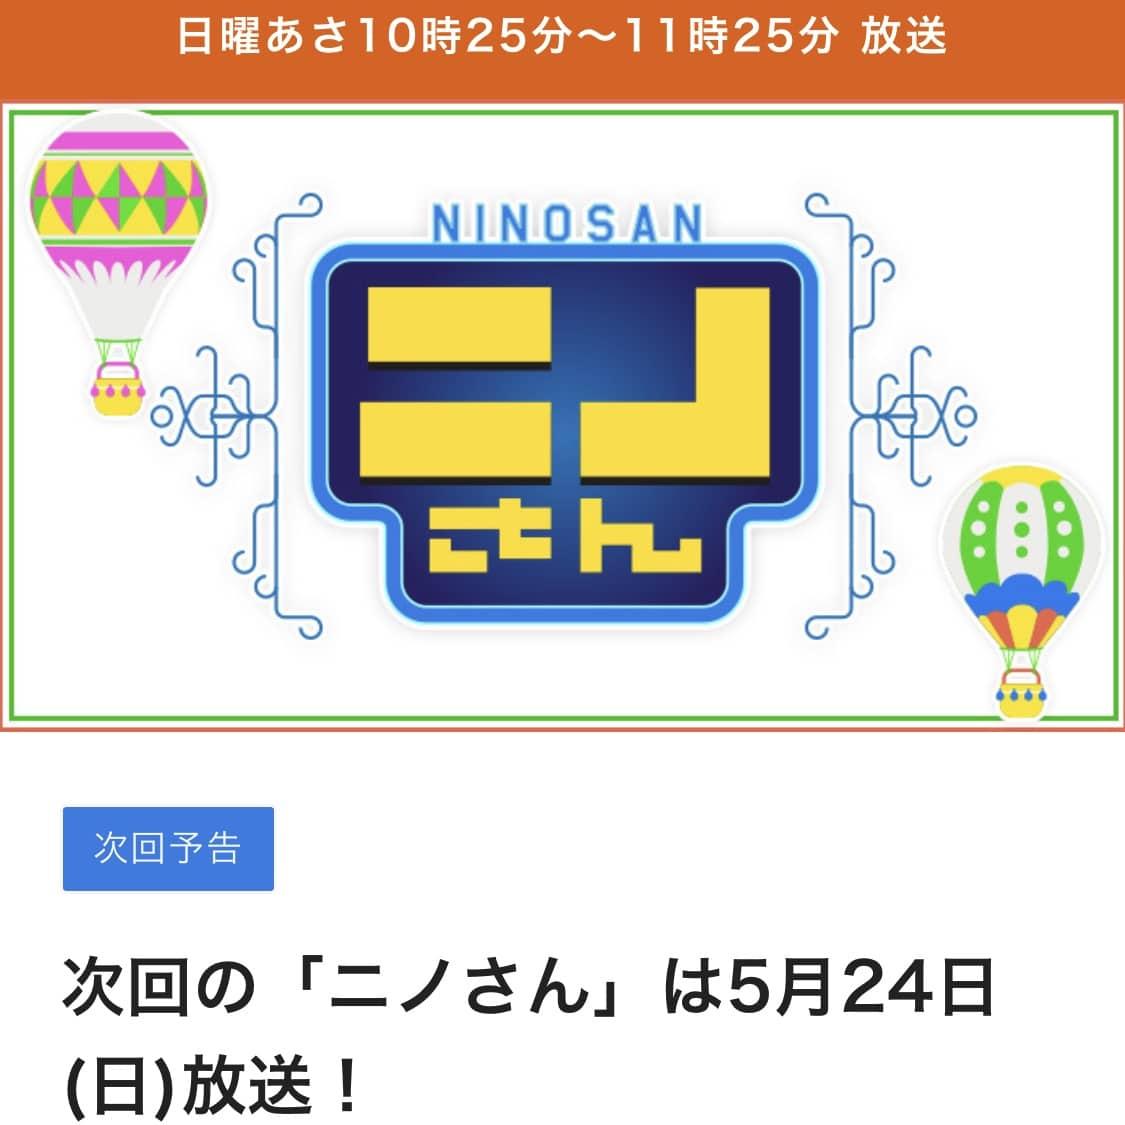 日本テレビ・ニノさん